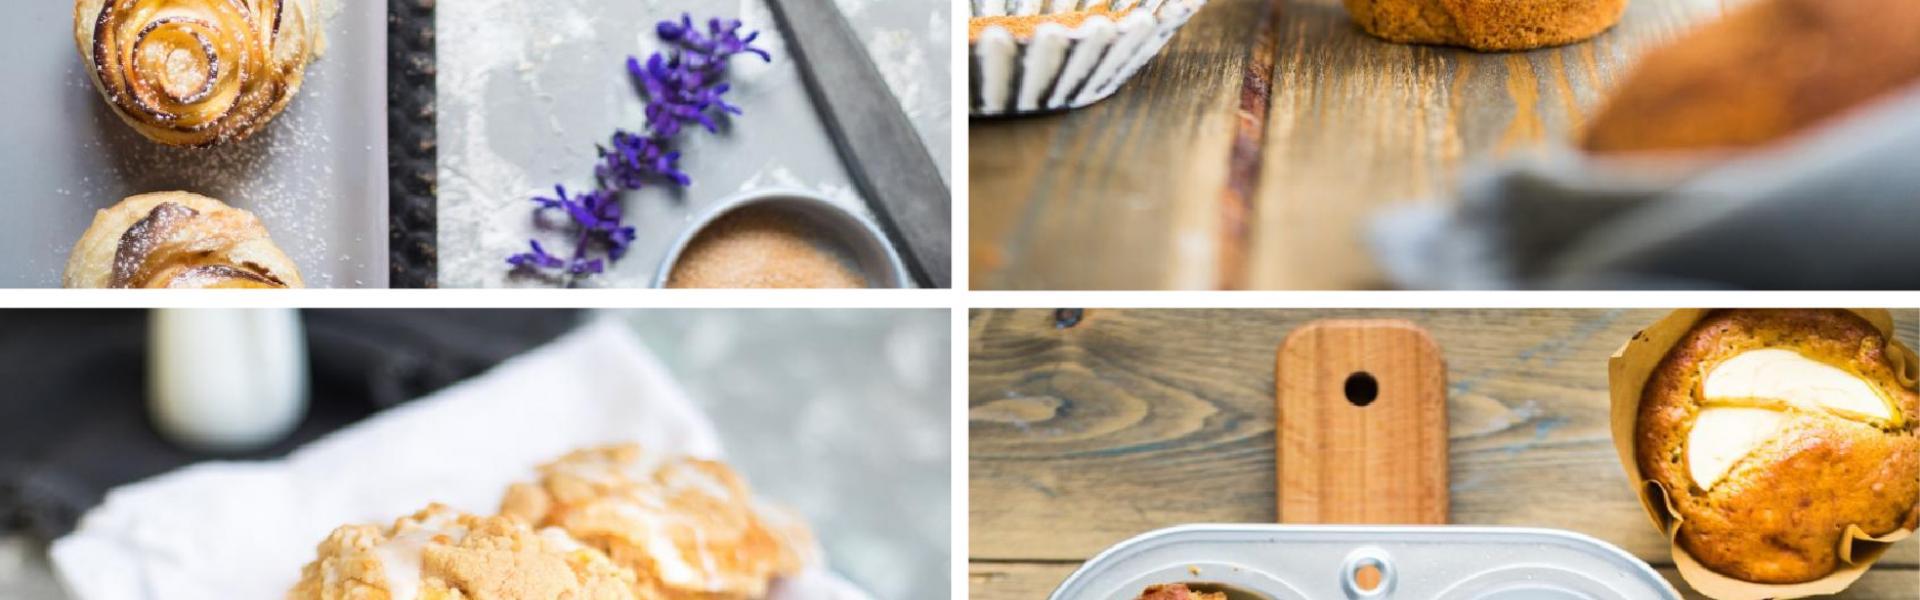 Vier Bilder mit verschiedenen Apfelmiuffins inn einem Bild zusammengefügt.